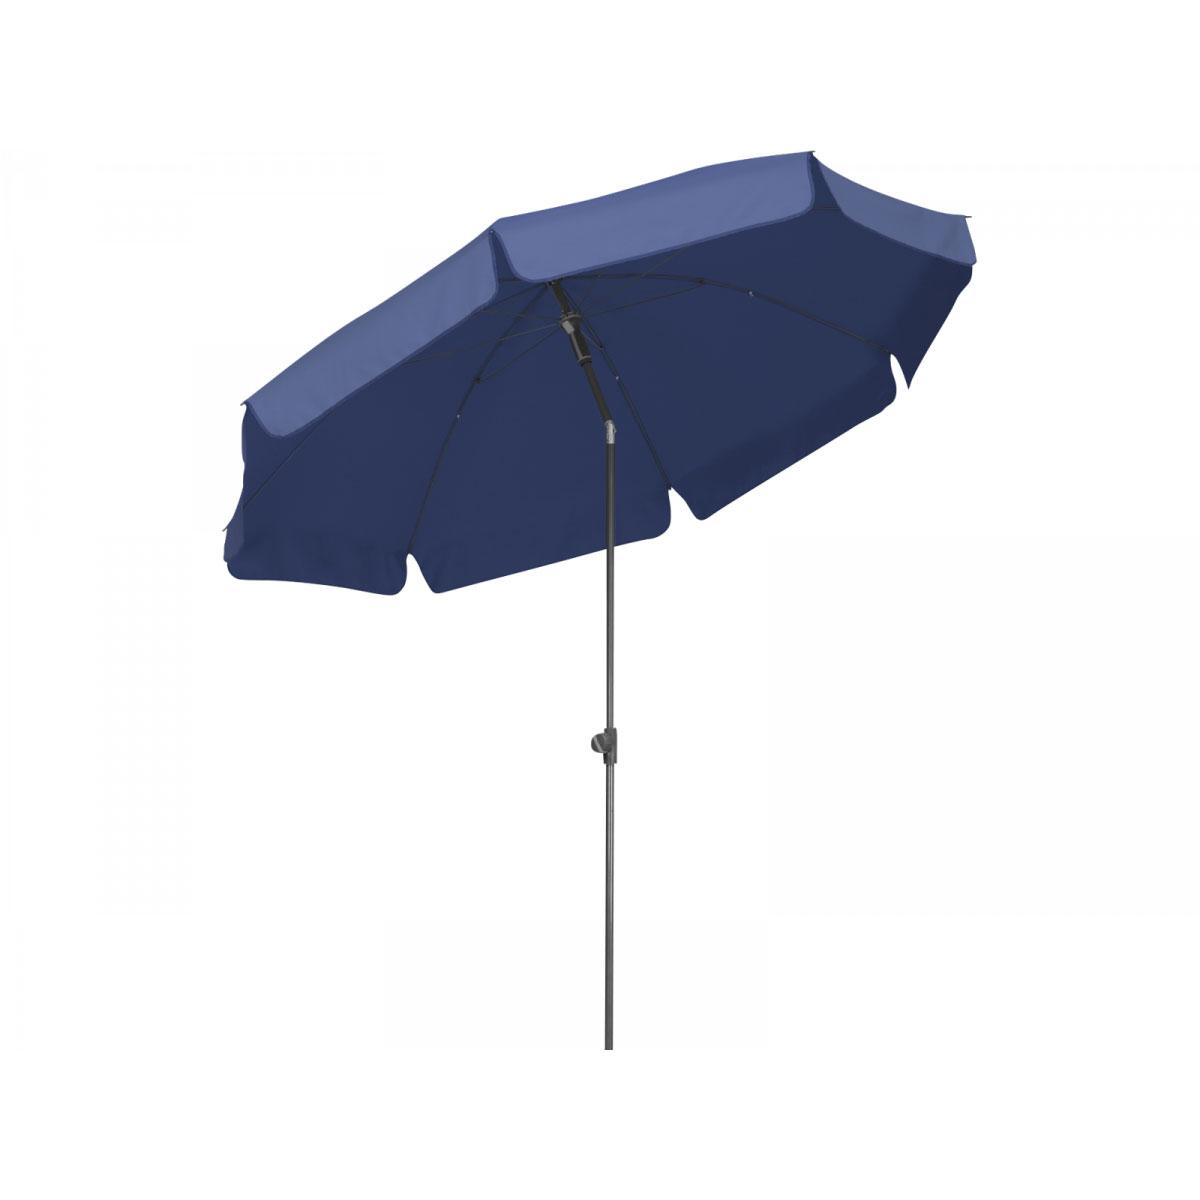 Schneider Schirme Sonnenschirm AQUILA,Ø 200 cm, blau